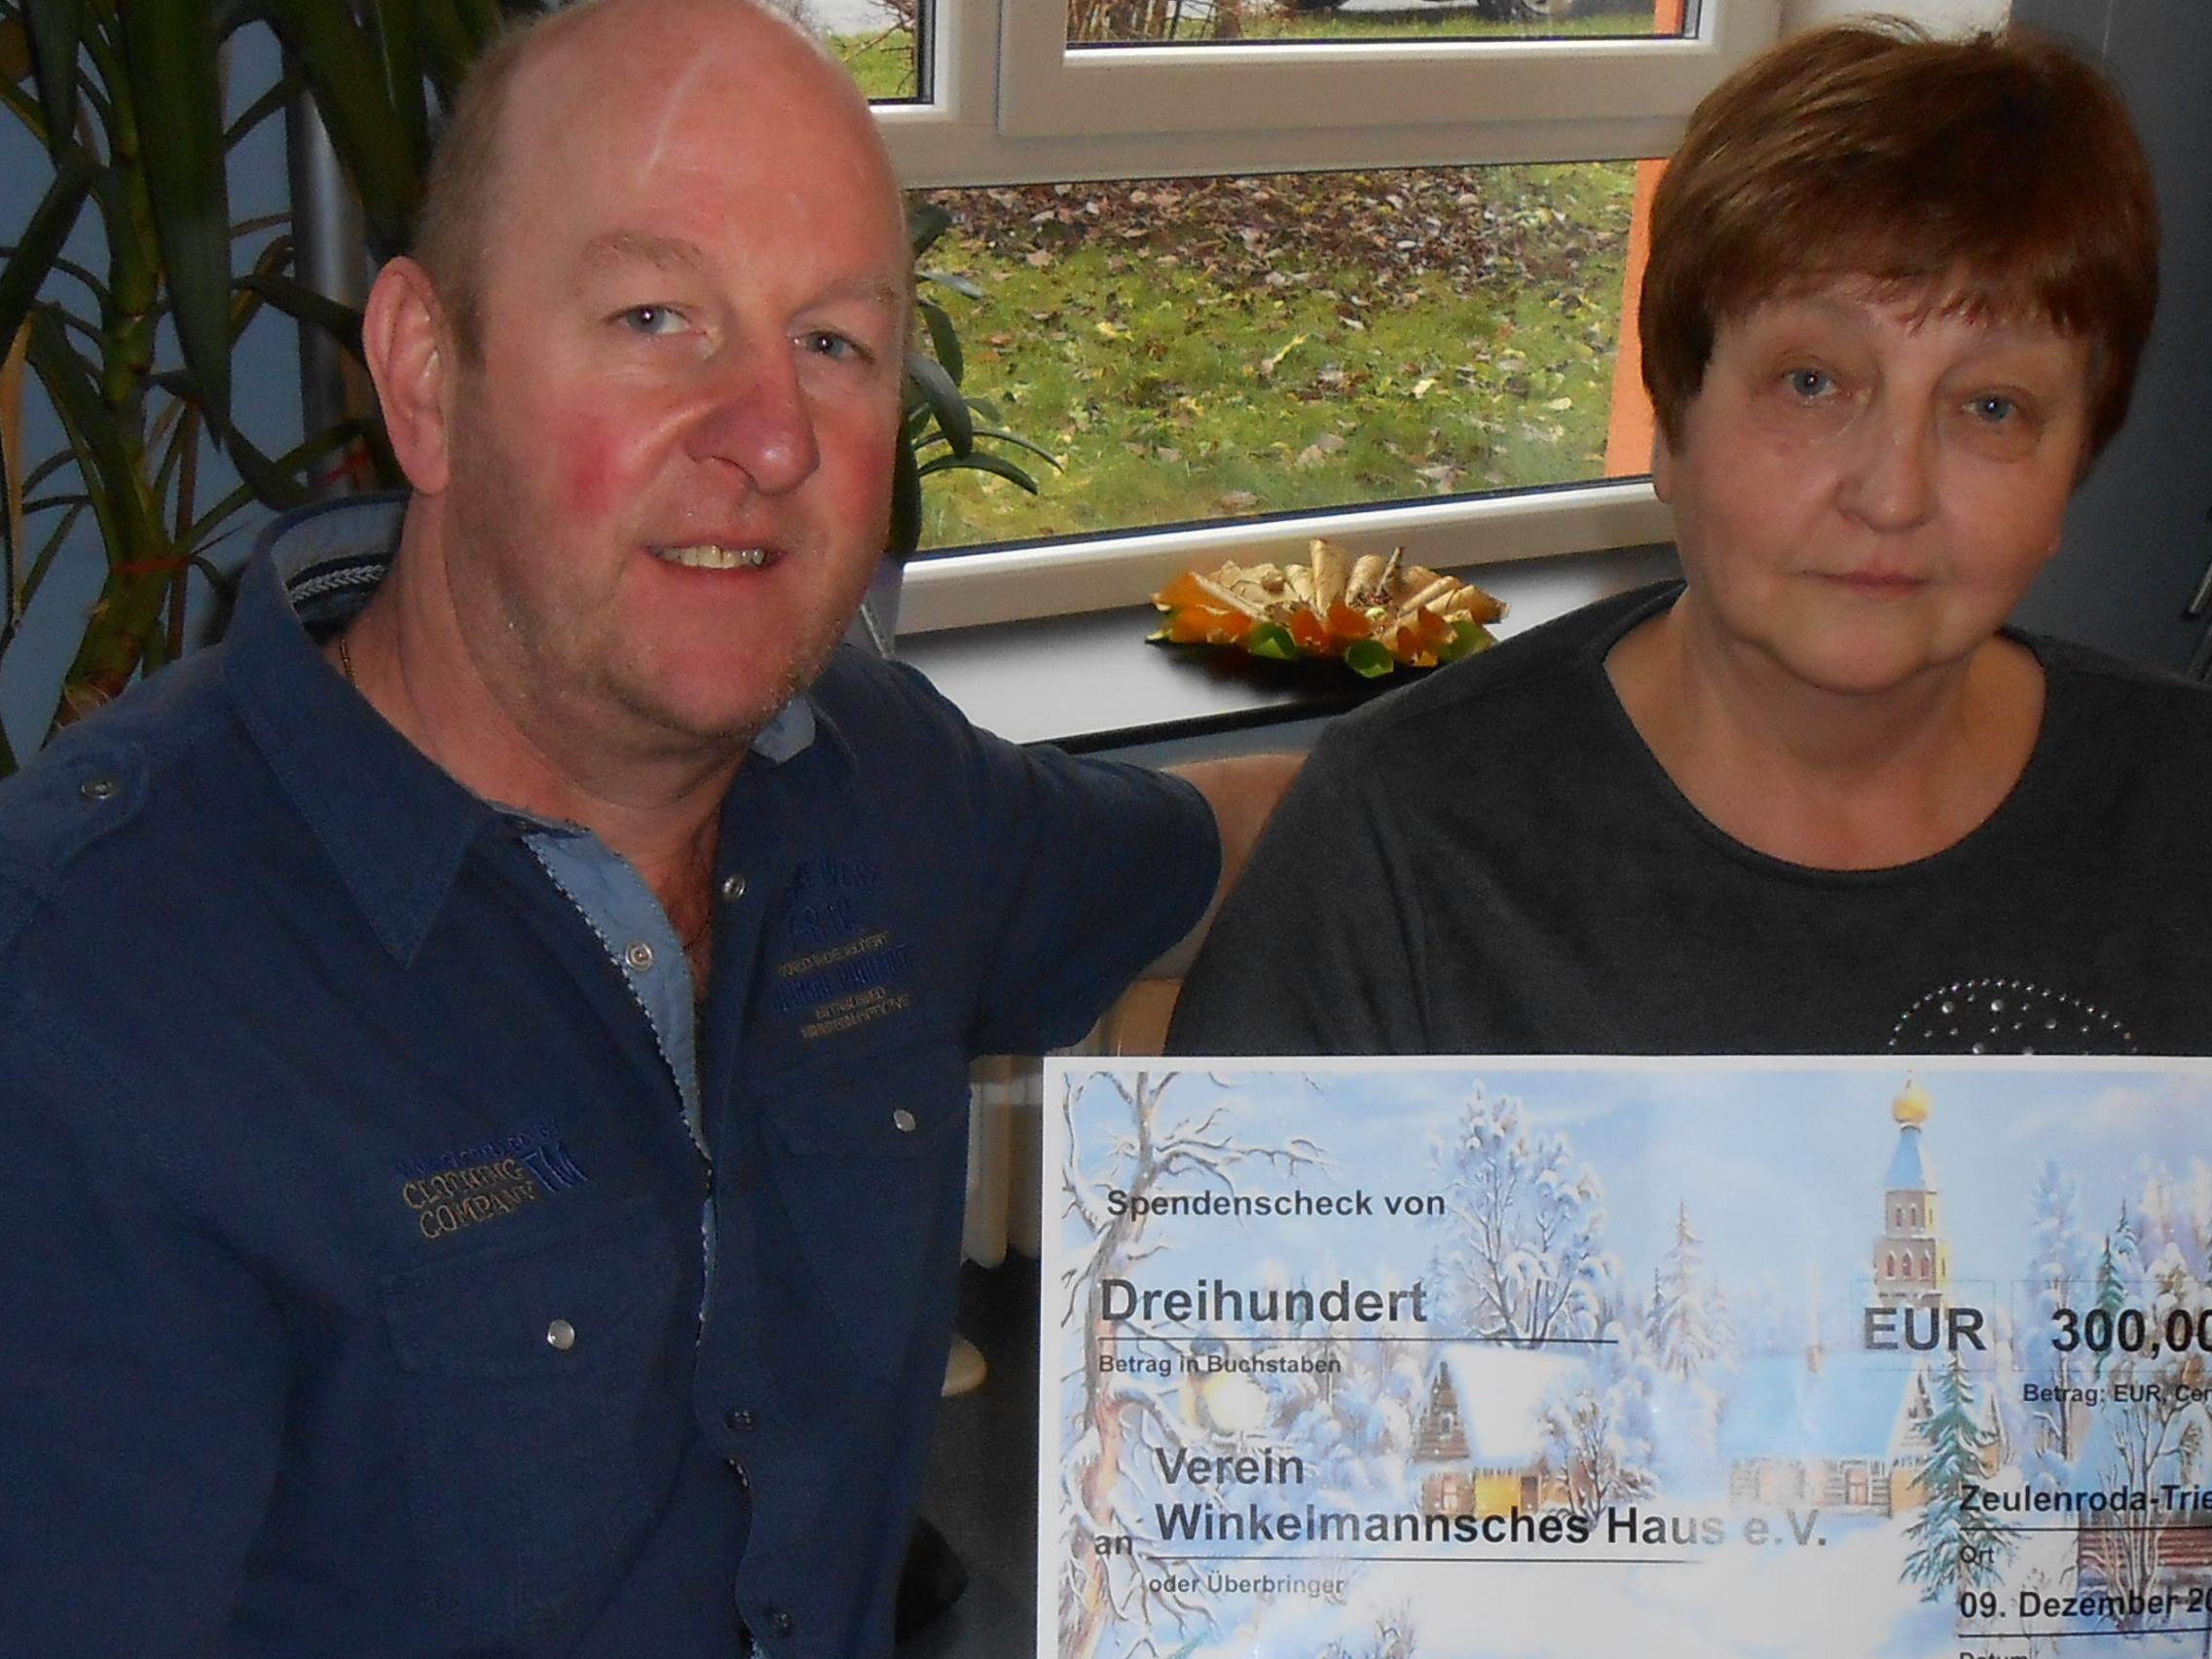 Verein Winkelmannsches Haus in Triebes erhält Spende (12/2015)